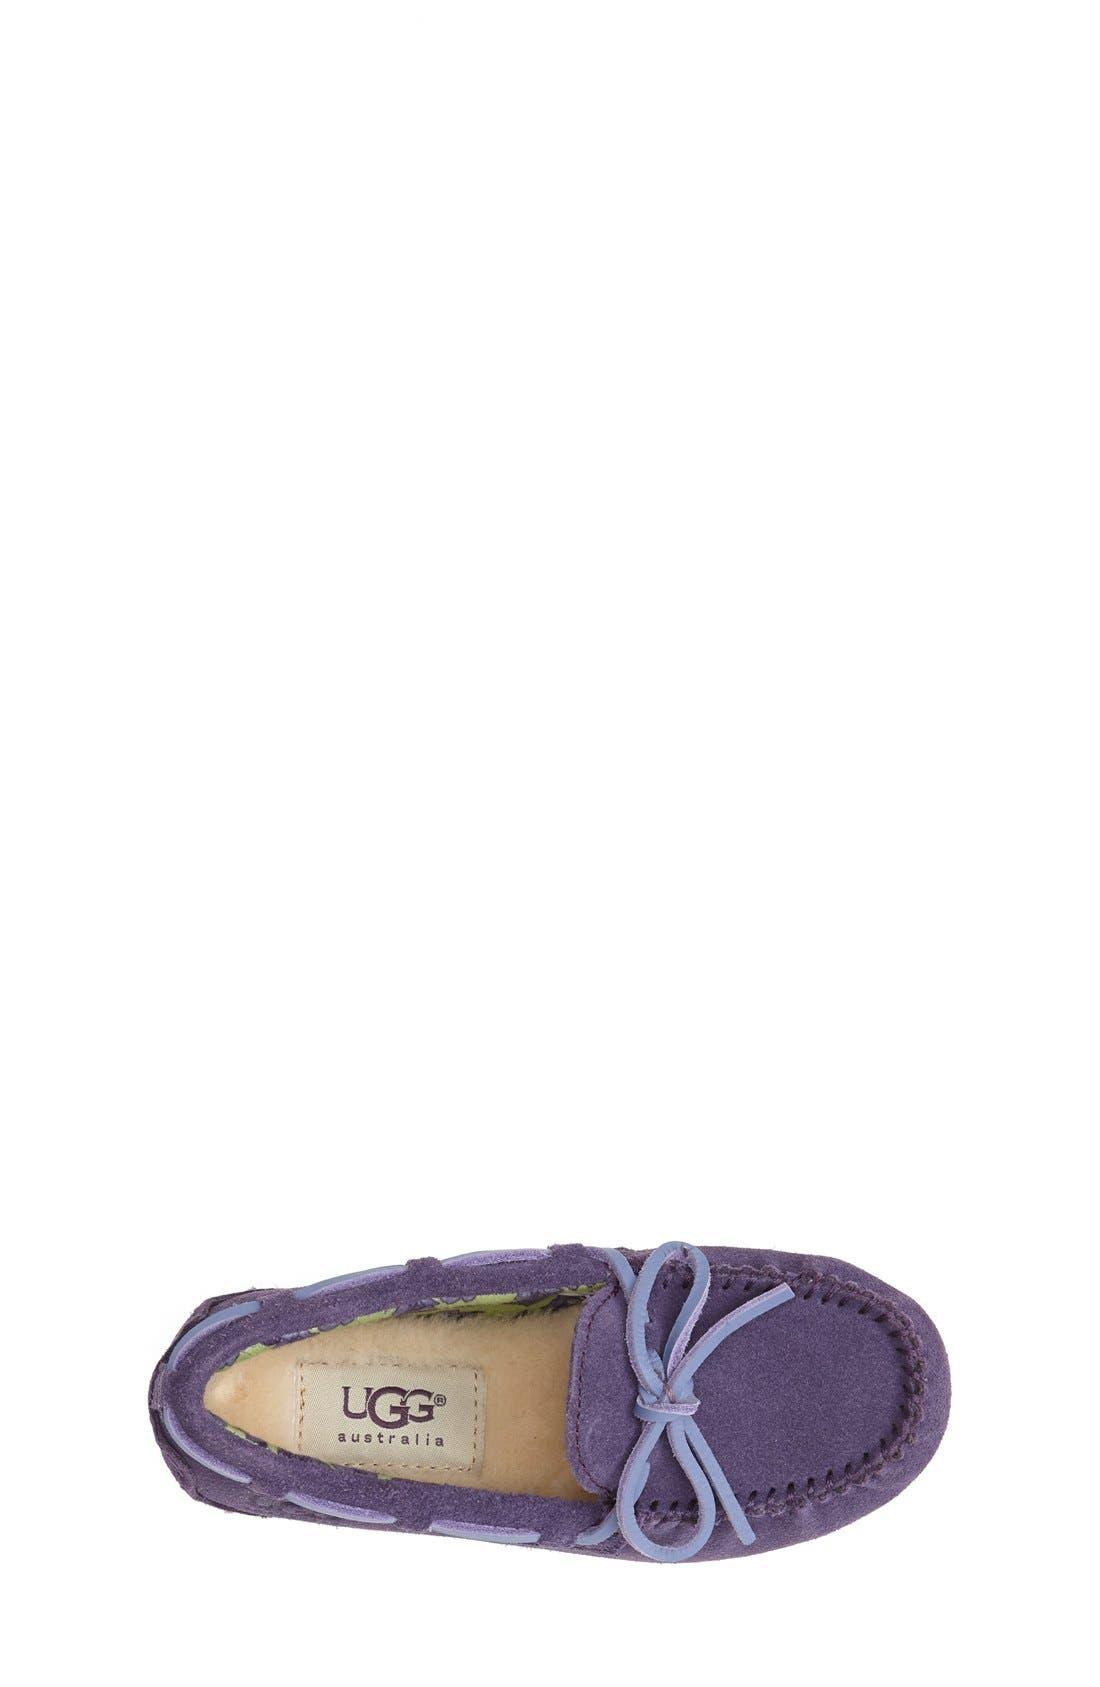 Alternate Image 3  - UGG® 'Ryder Rose' Slipper (Toddler, Little Kid & Big Kid)